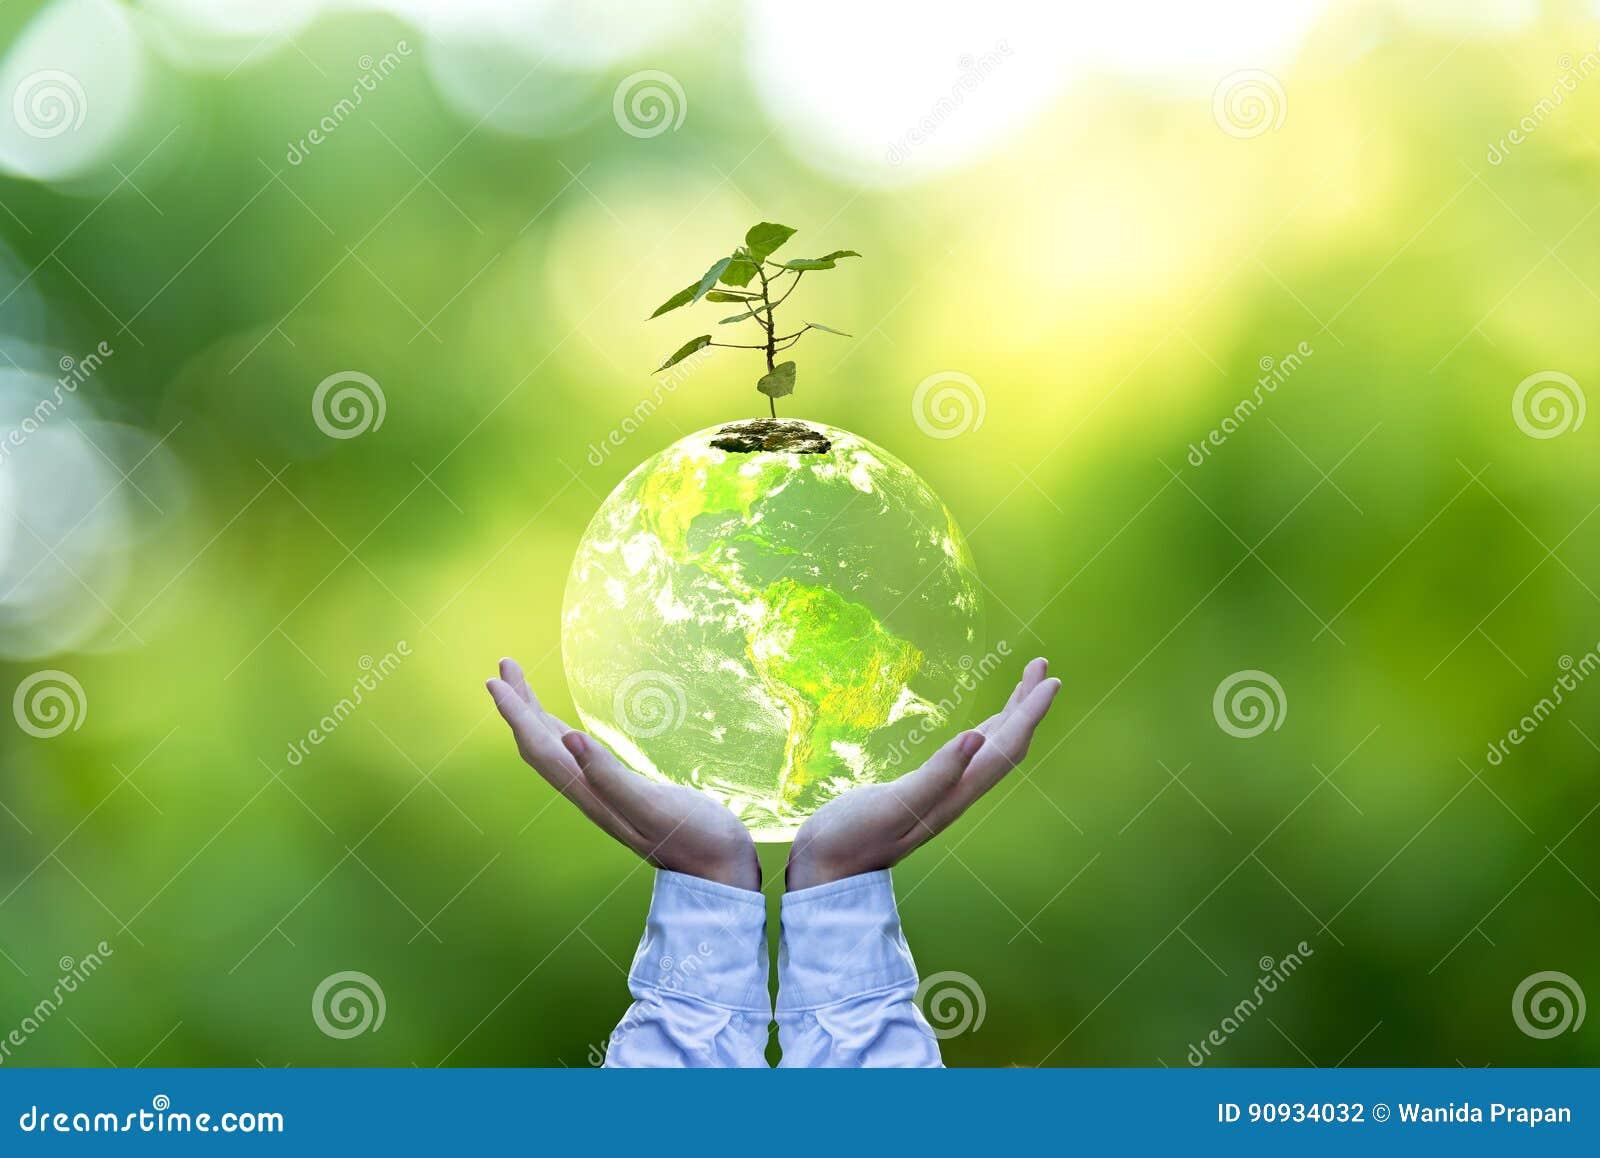 Ο πλανήτης και το δέντρο στον άνθρωπο παραδίδουν την πράσινη φύση, εκτός από τη γήινη έννοια,